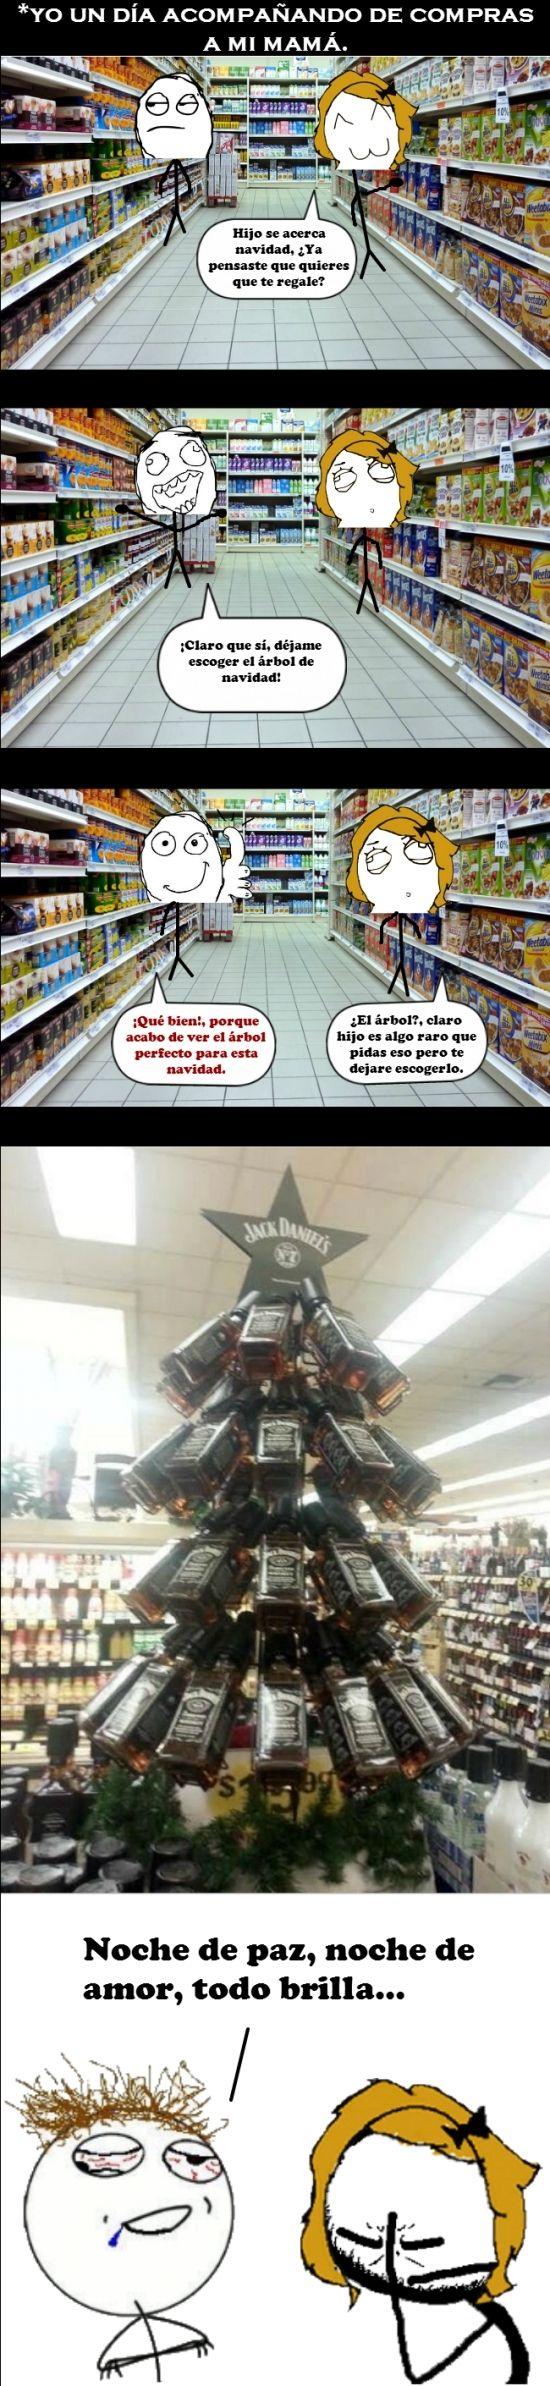 #Navidad #humor en español.